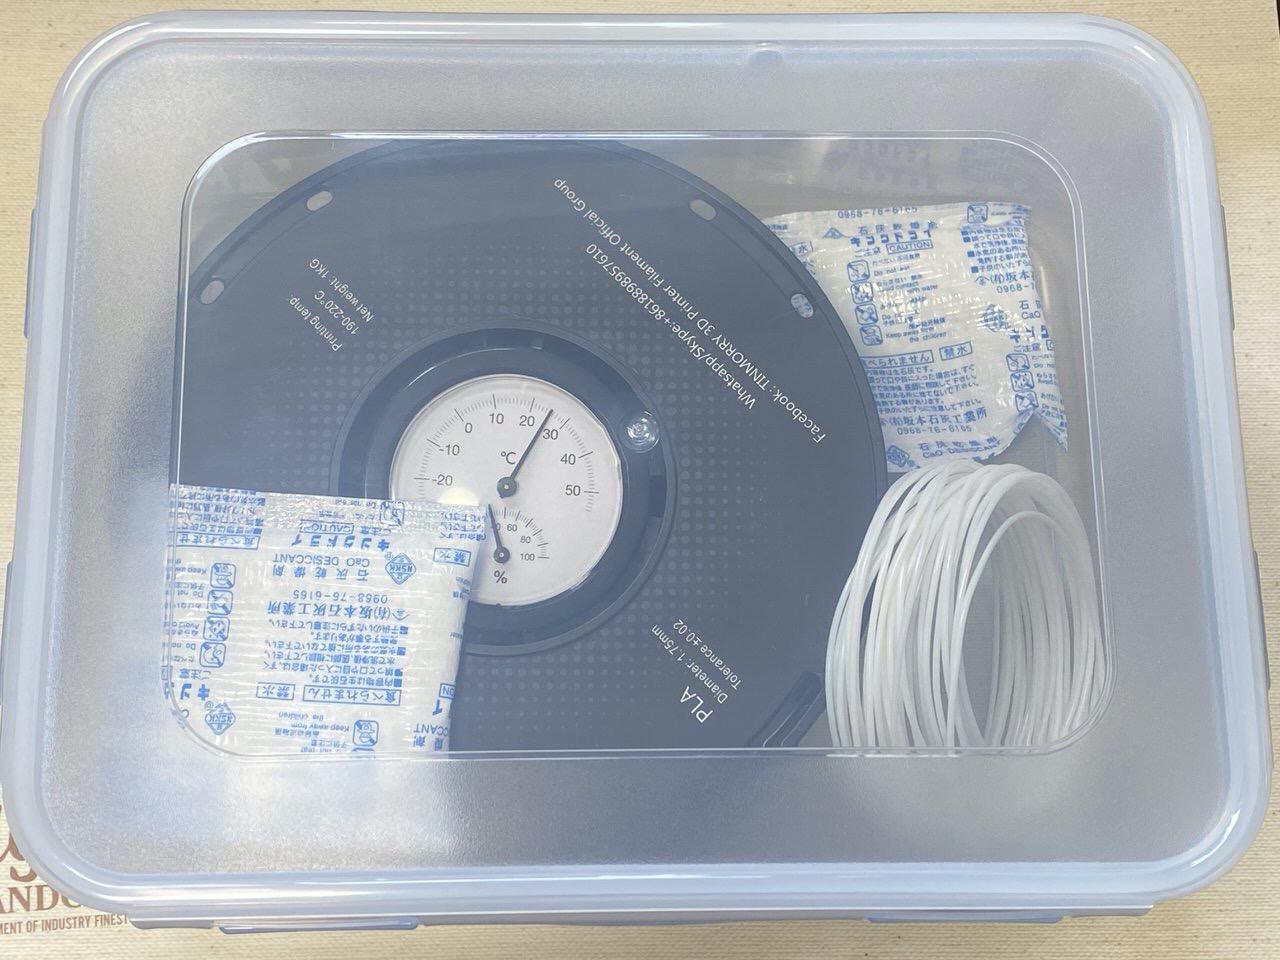 【3Dプリンター】フィラメント用の防湿庫 11